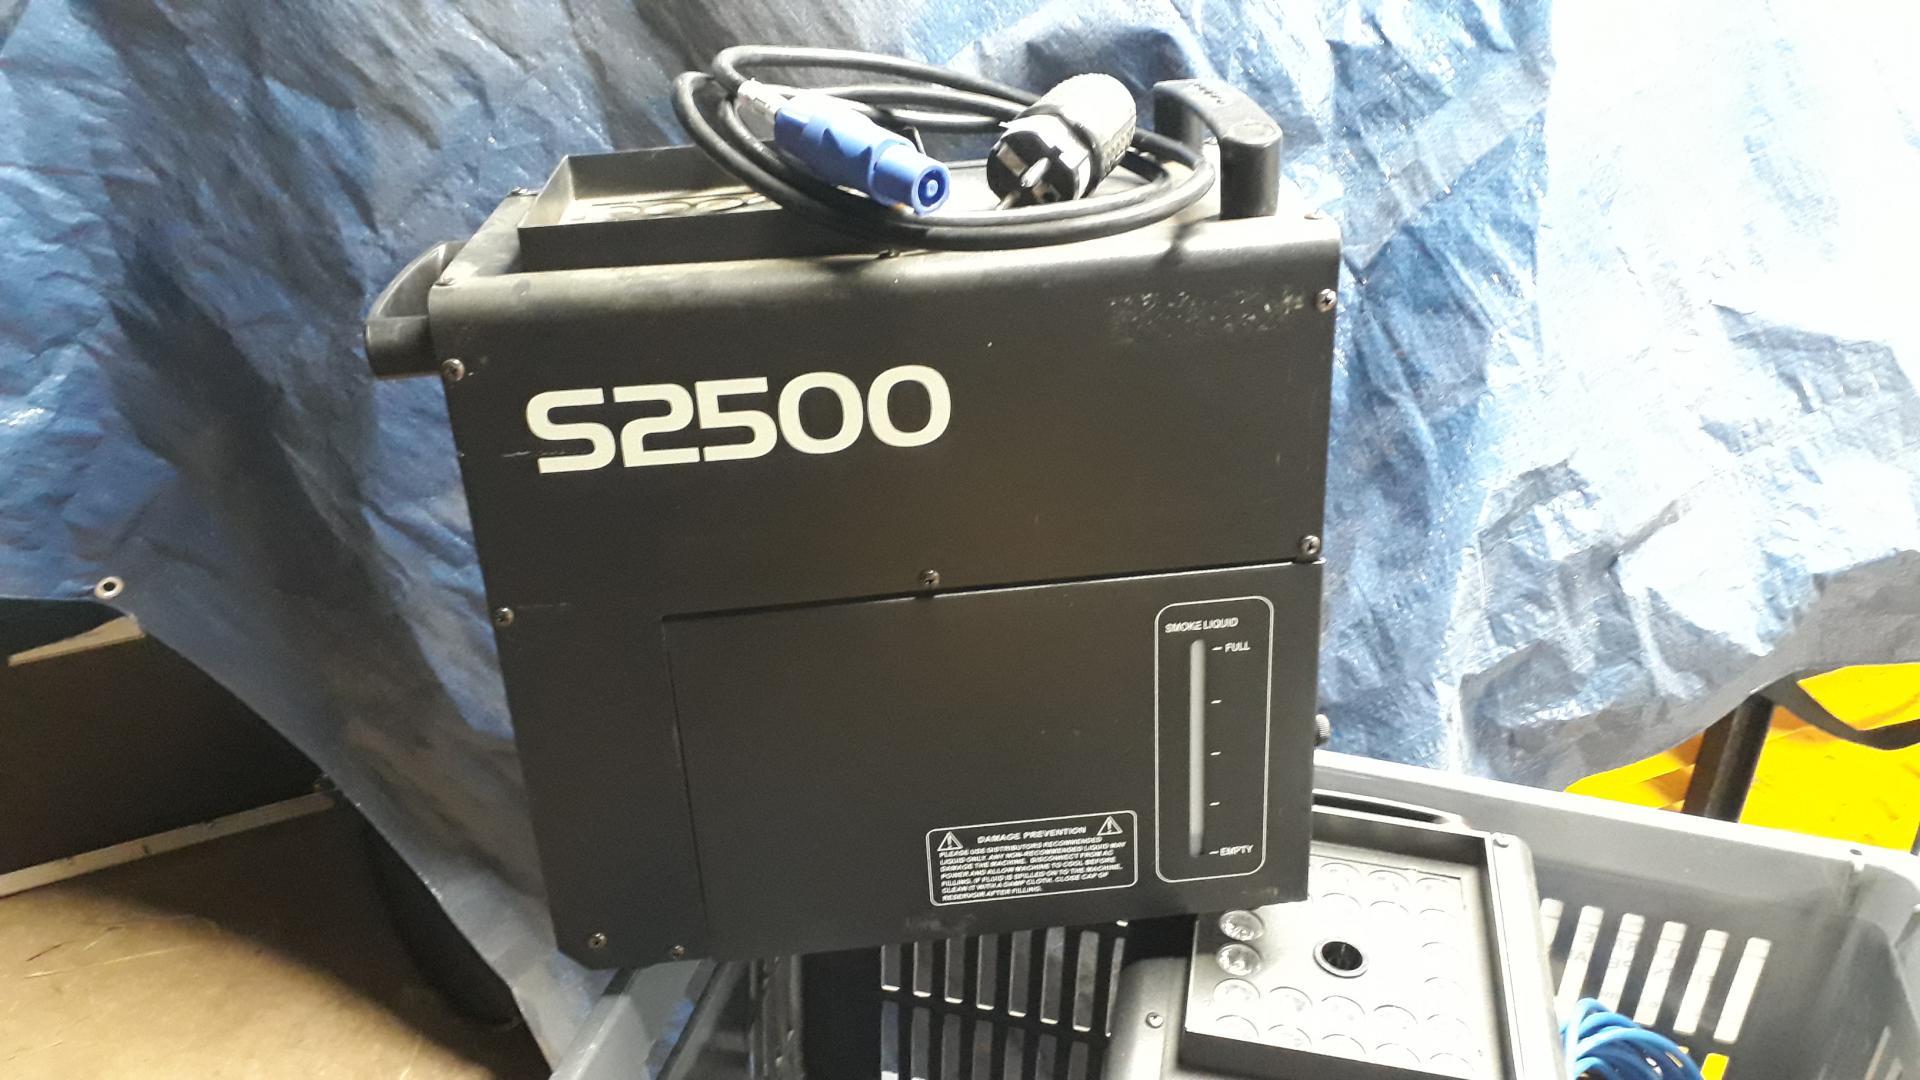 Beam s2500